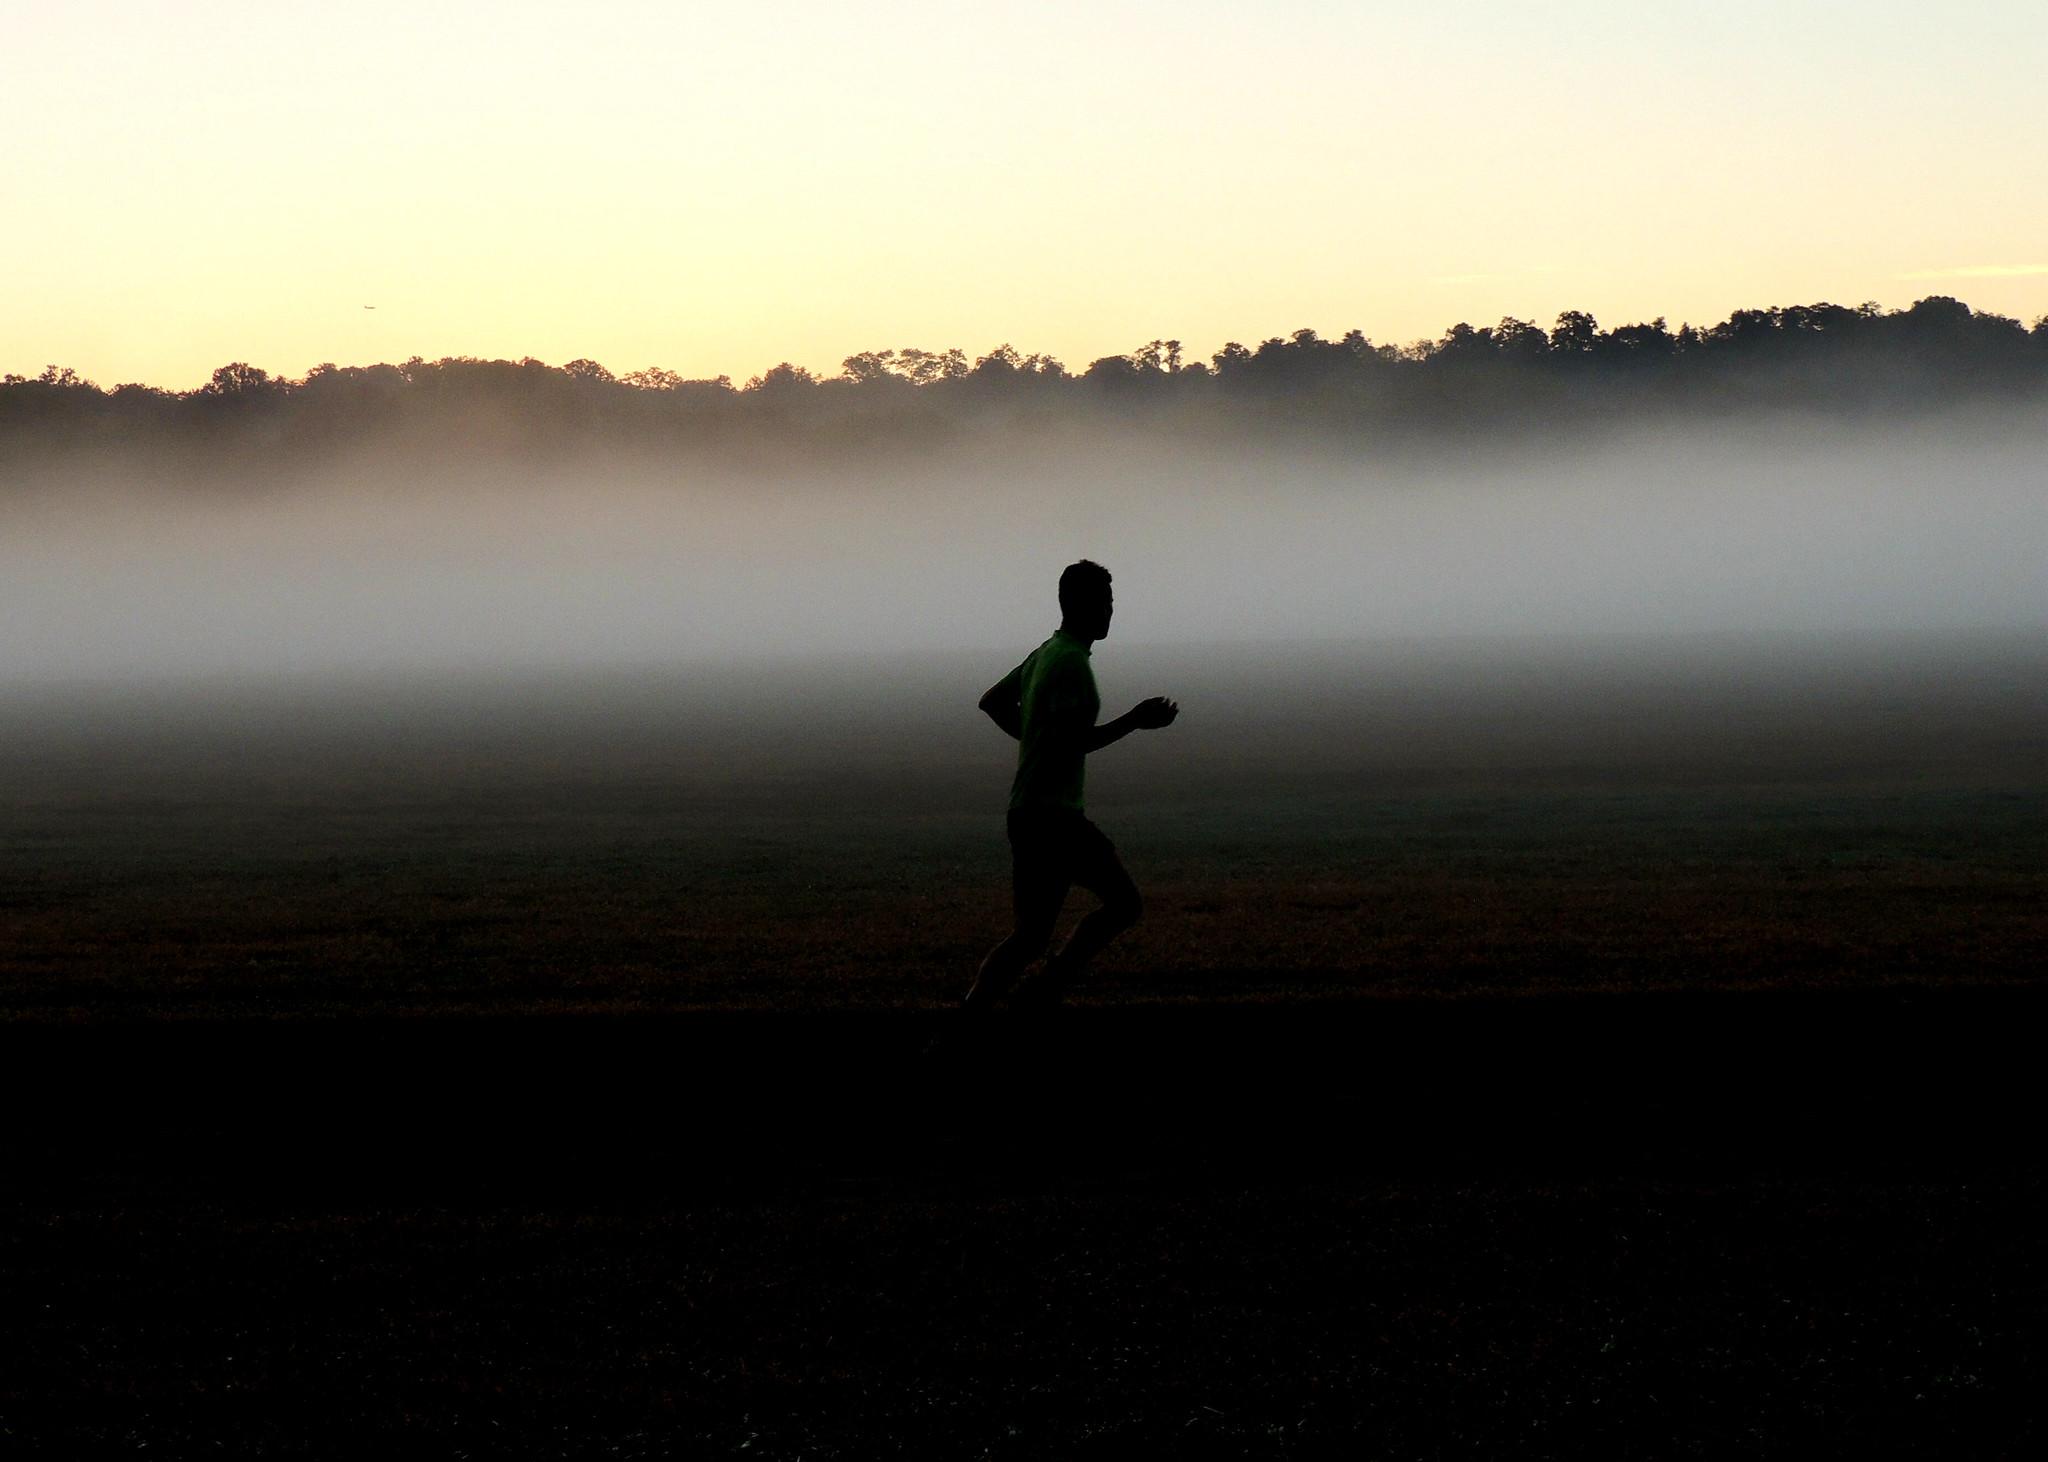 عکسی از دونده در پارک کراس کانتری ون کورتلند